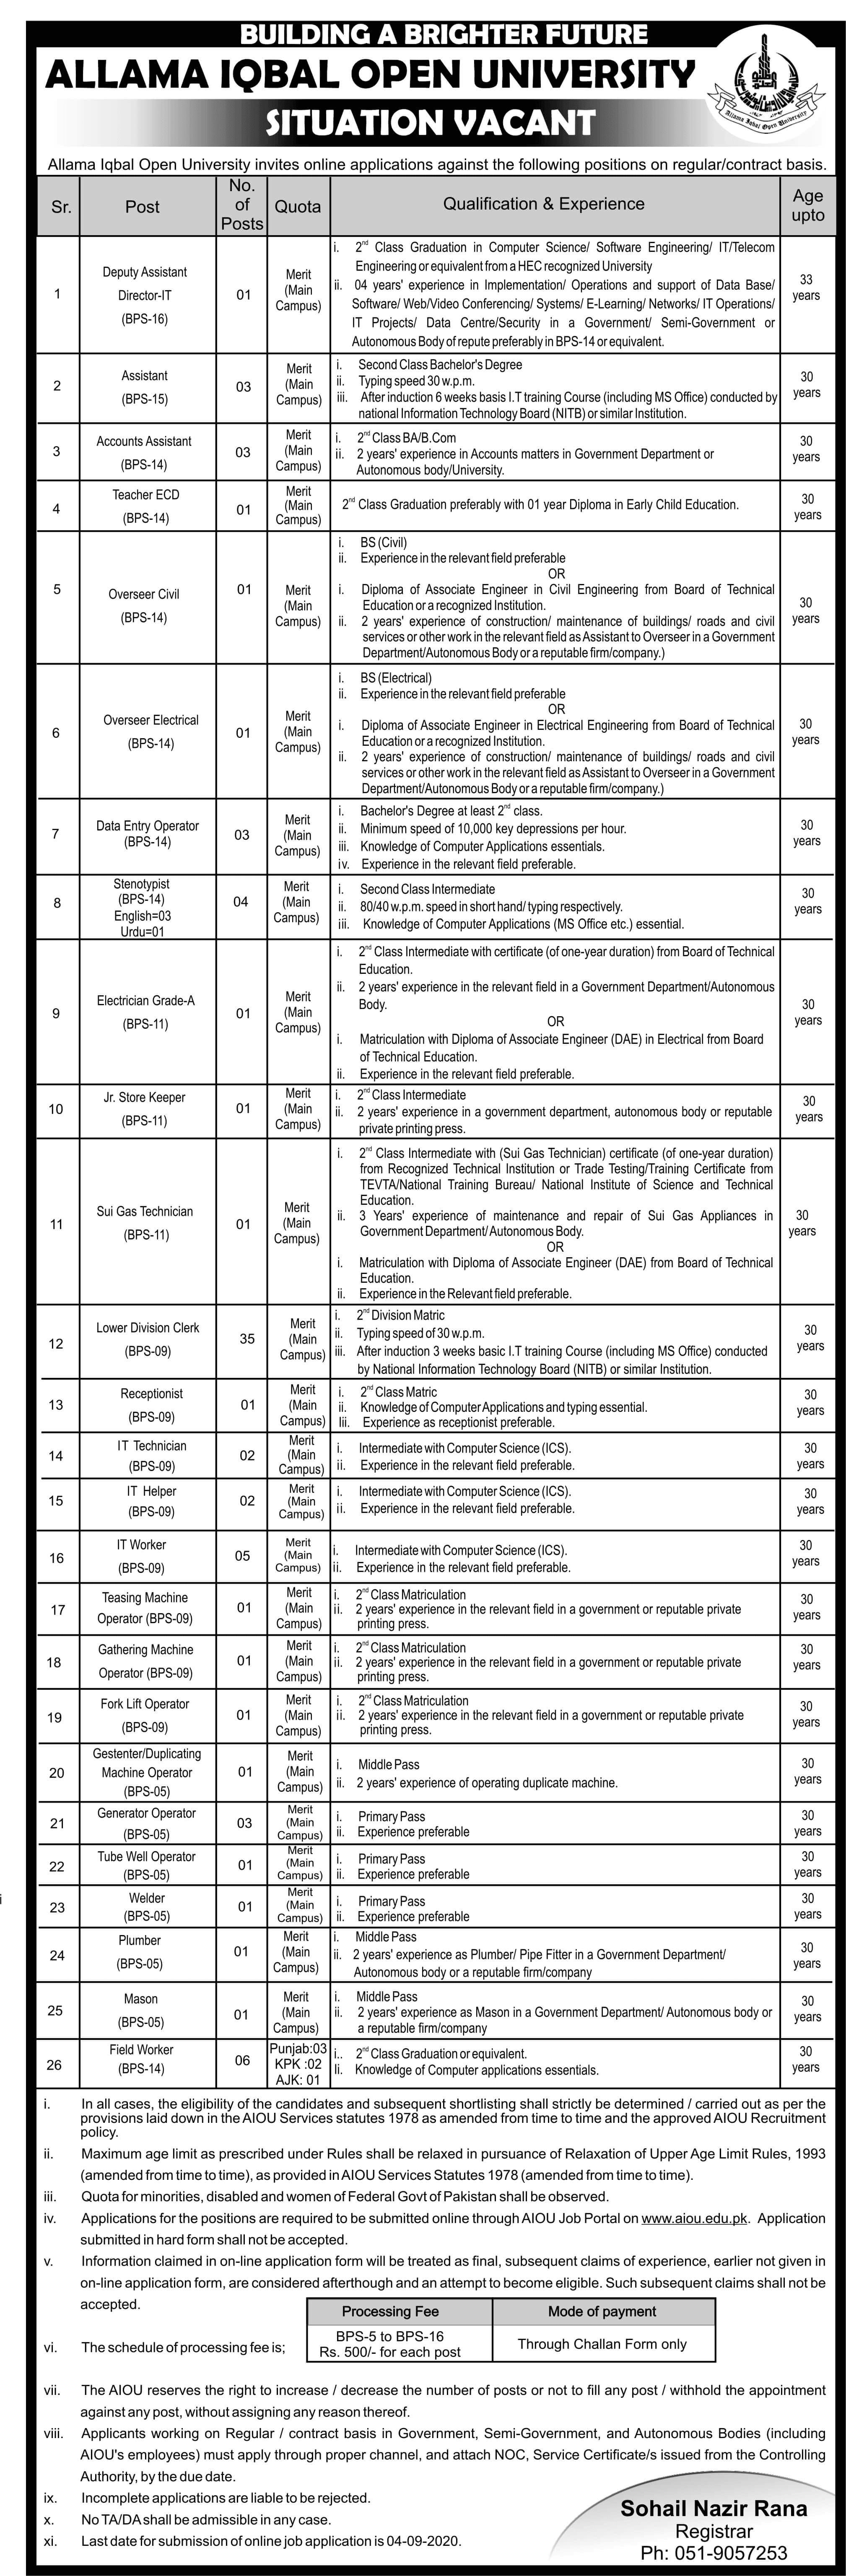 AIOU Jobs August 2020